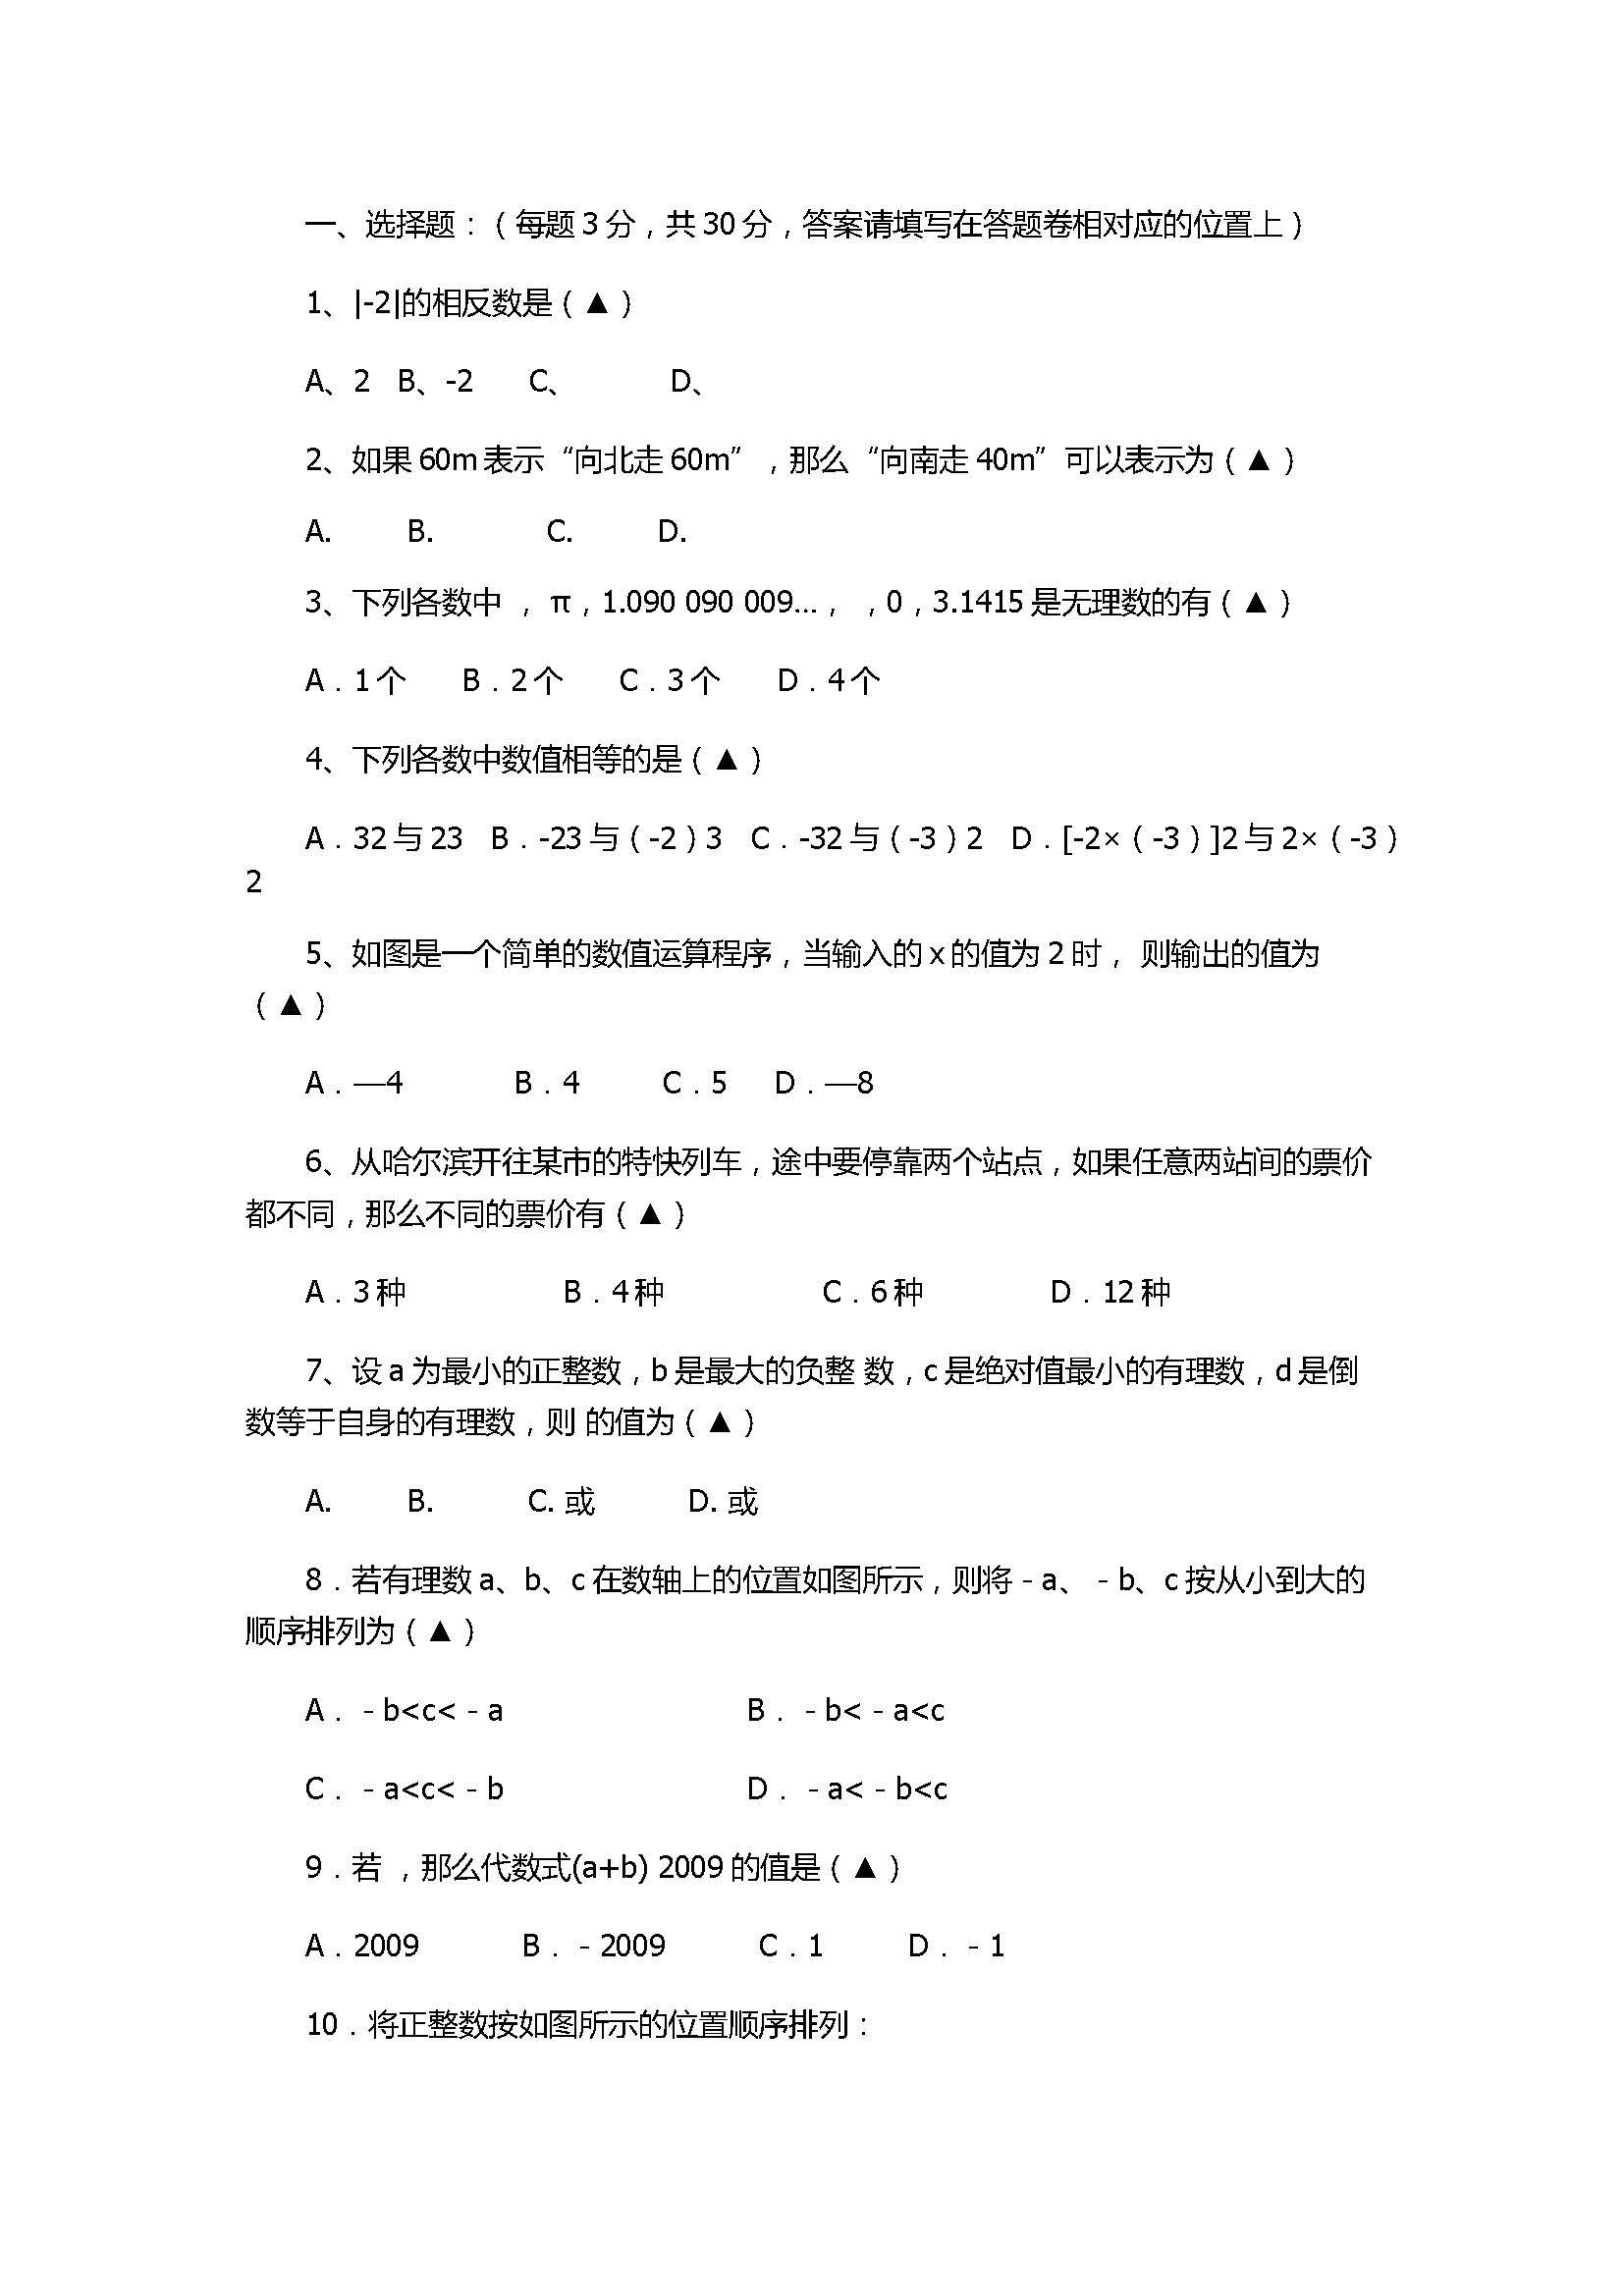 2017七年级数学阶段性测试题含参考答案